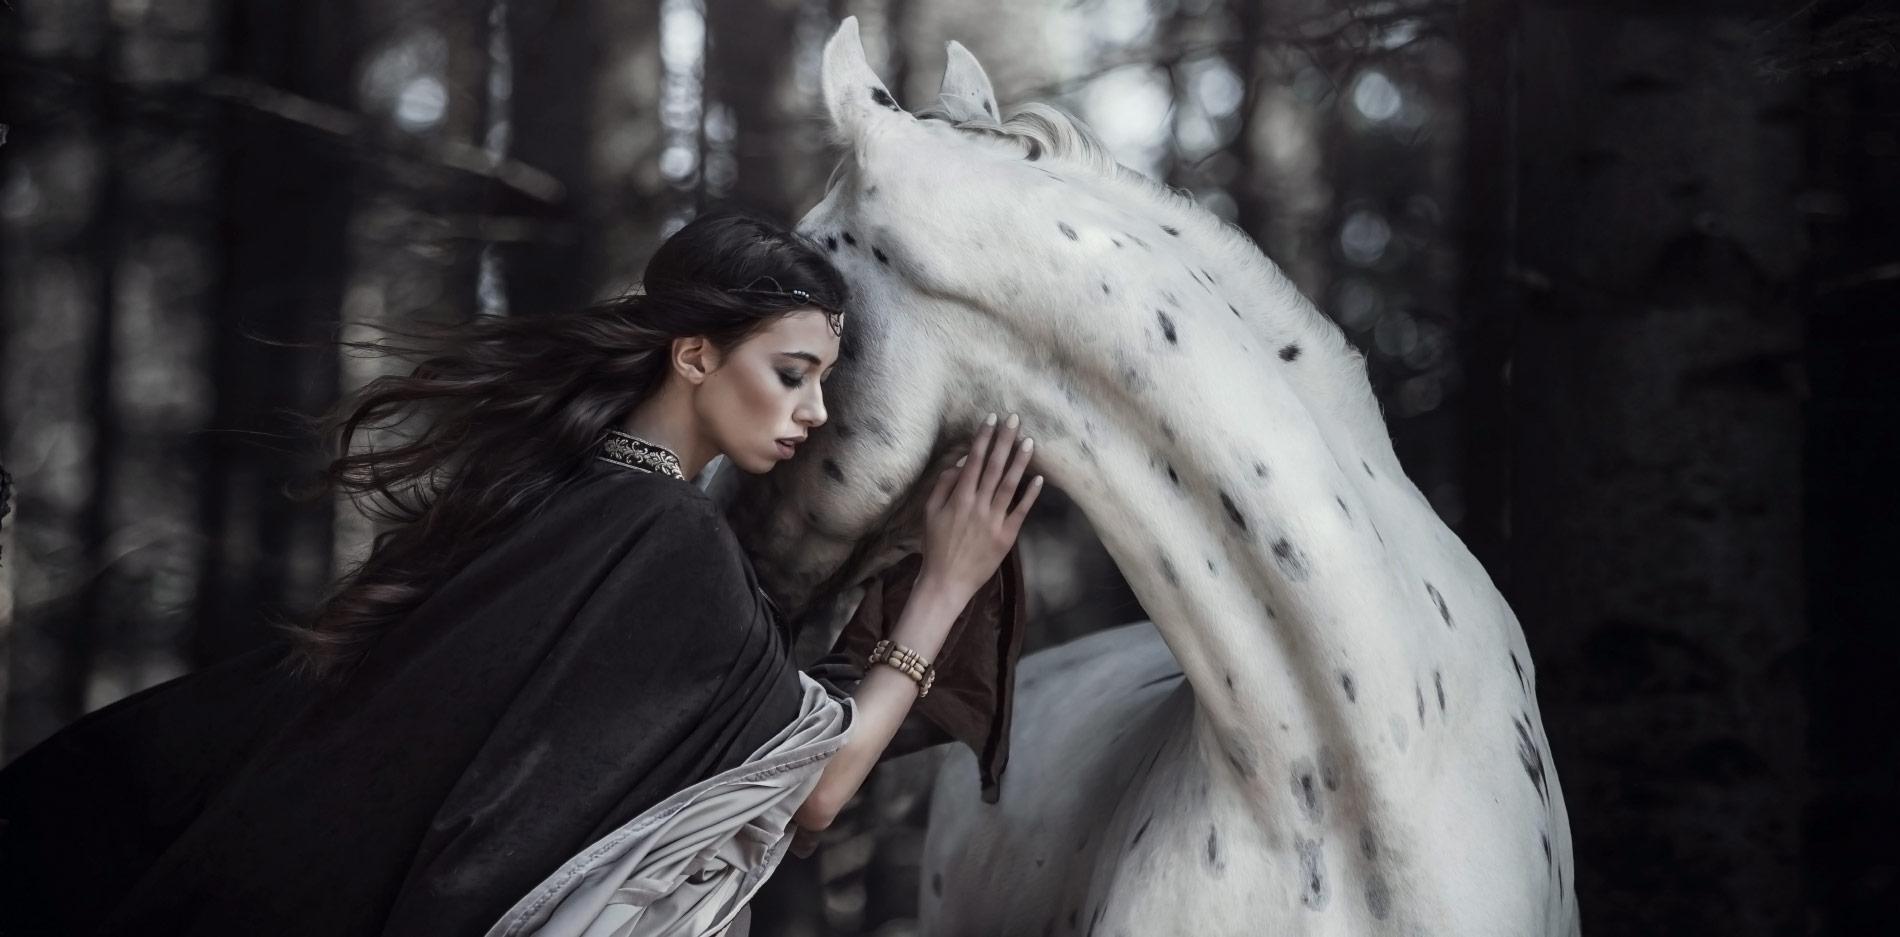 Fotograf Anna Sychowicz :: Baśniowe zdjęcia jeździecka, sesje z końmi i zwierzętami. Warszawa :: Sochaczew